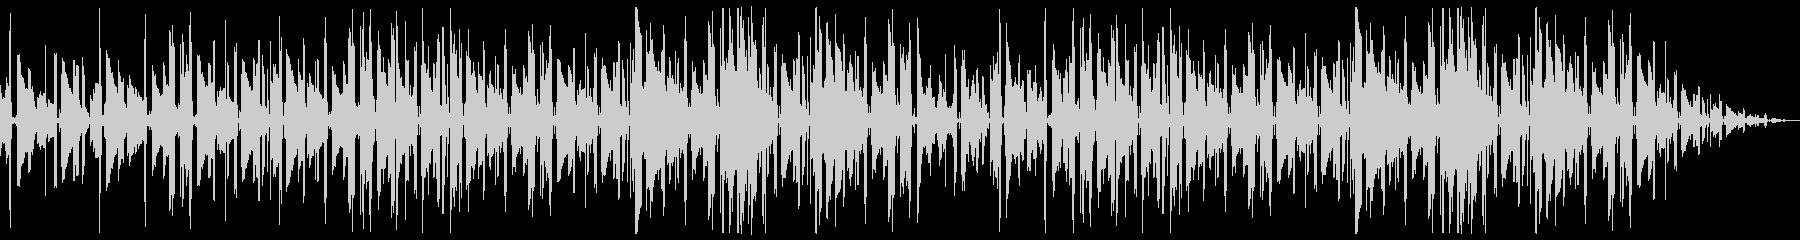 切ないネオソウルギター主体のチルホップの未再生の波形